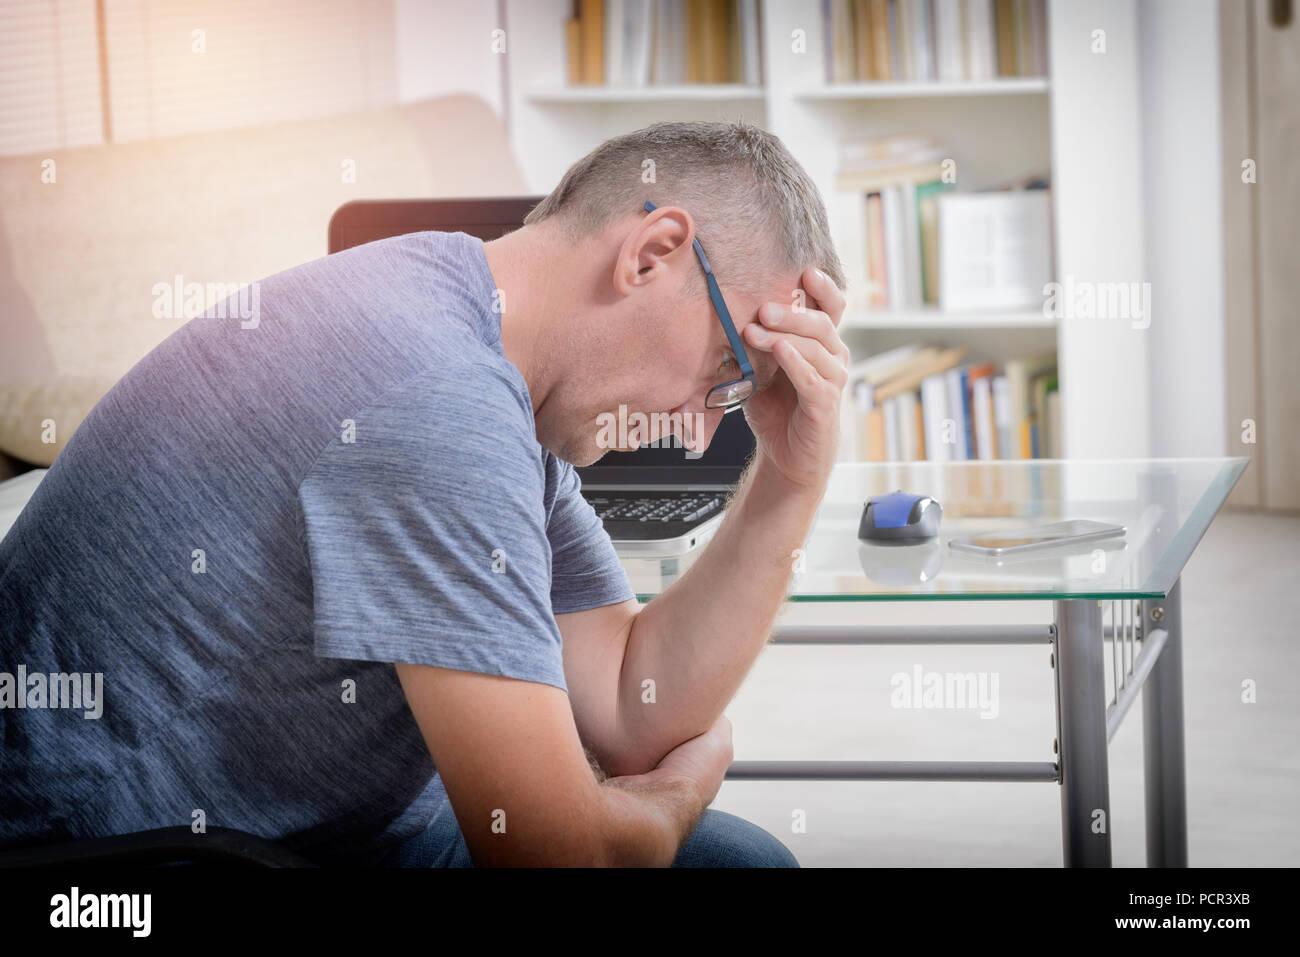 freelancer man at workplace